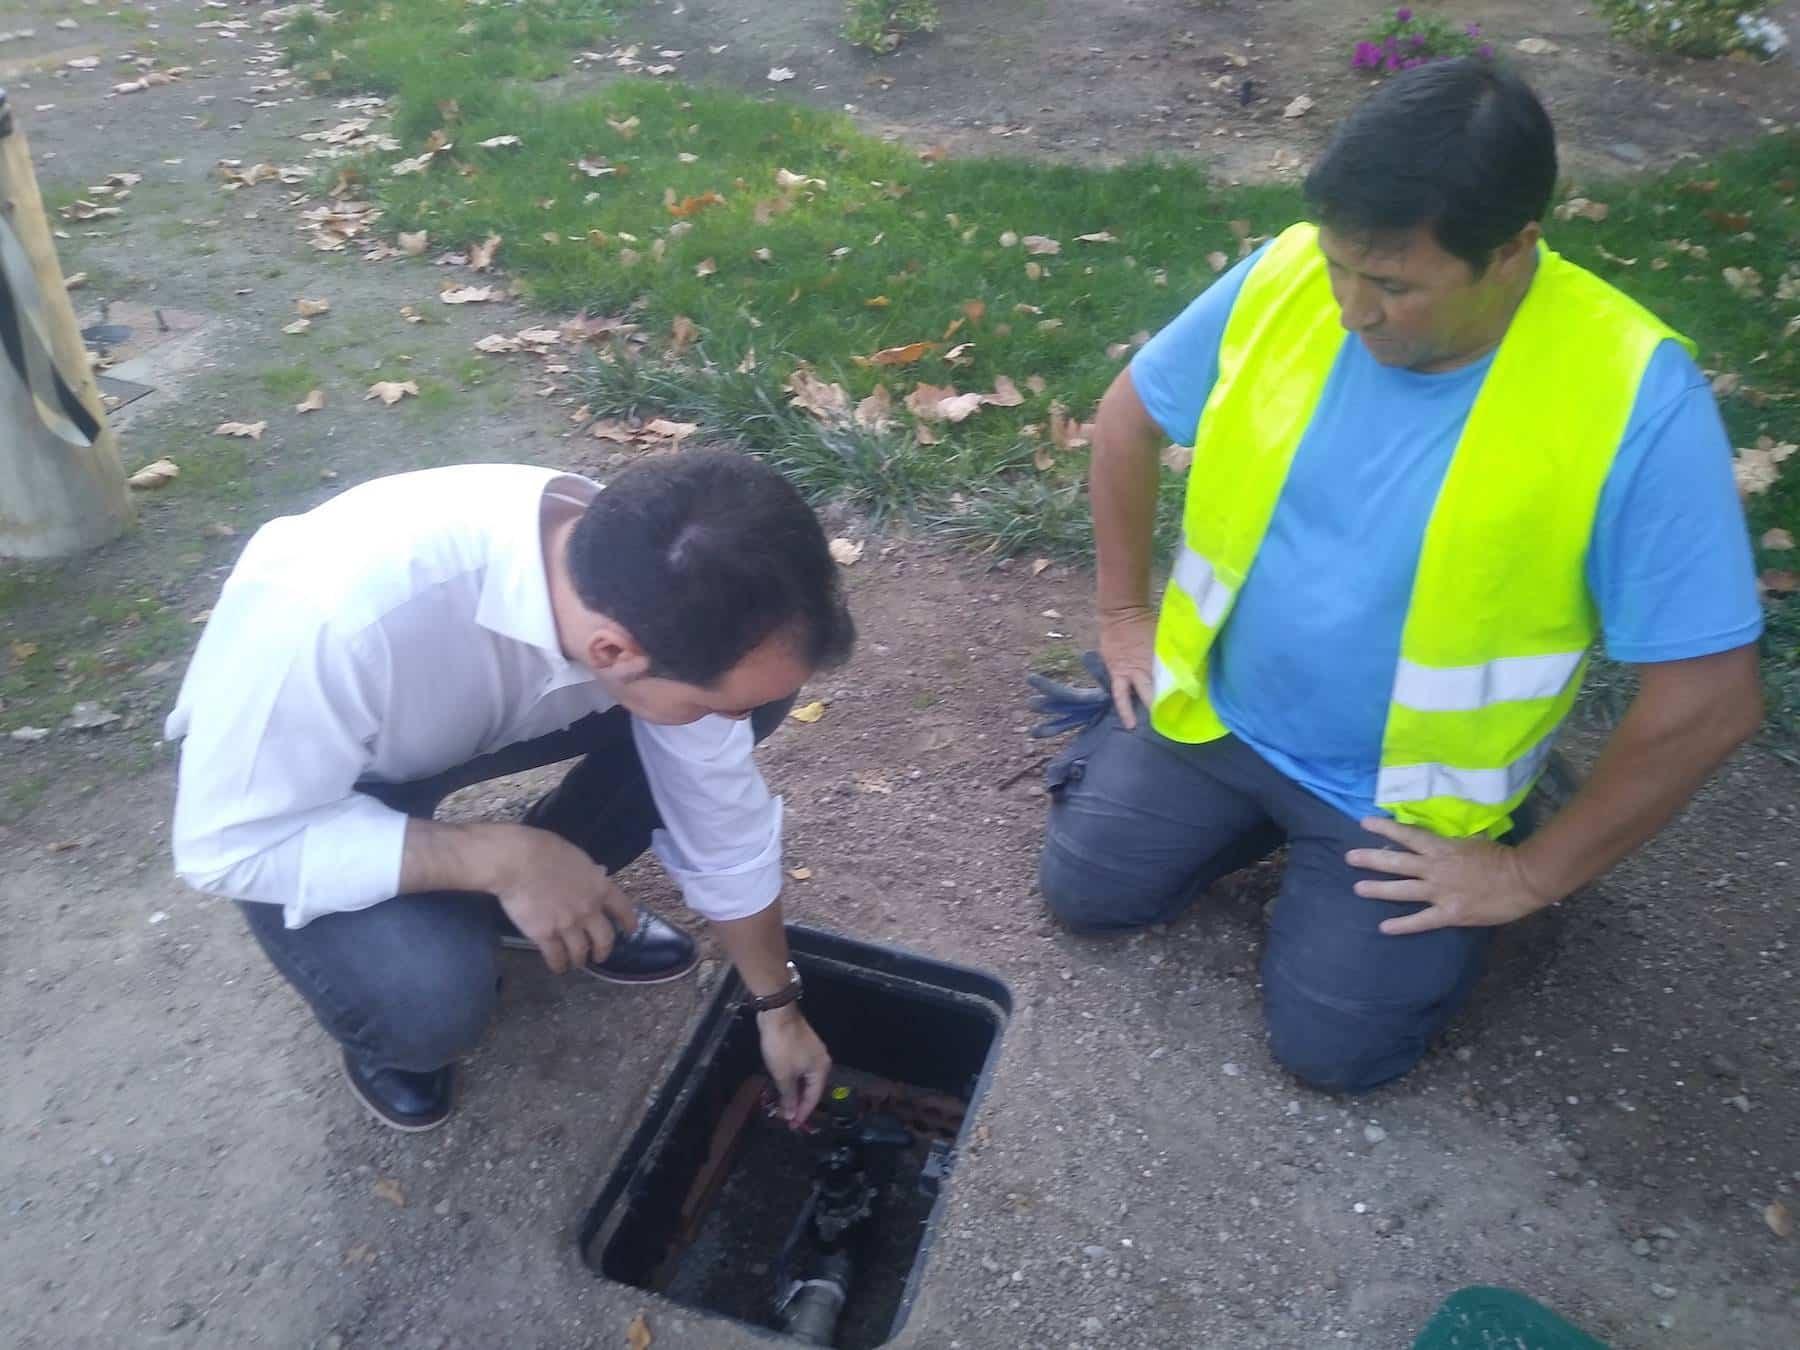 telegestion riego herencia 1 - La telegestión de riego de Herencia permitirá ahorrar el 30% del consumo de agua